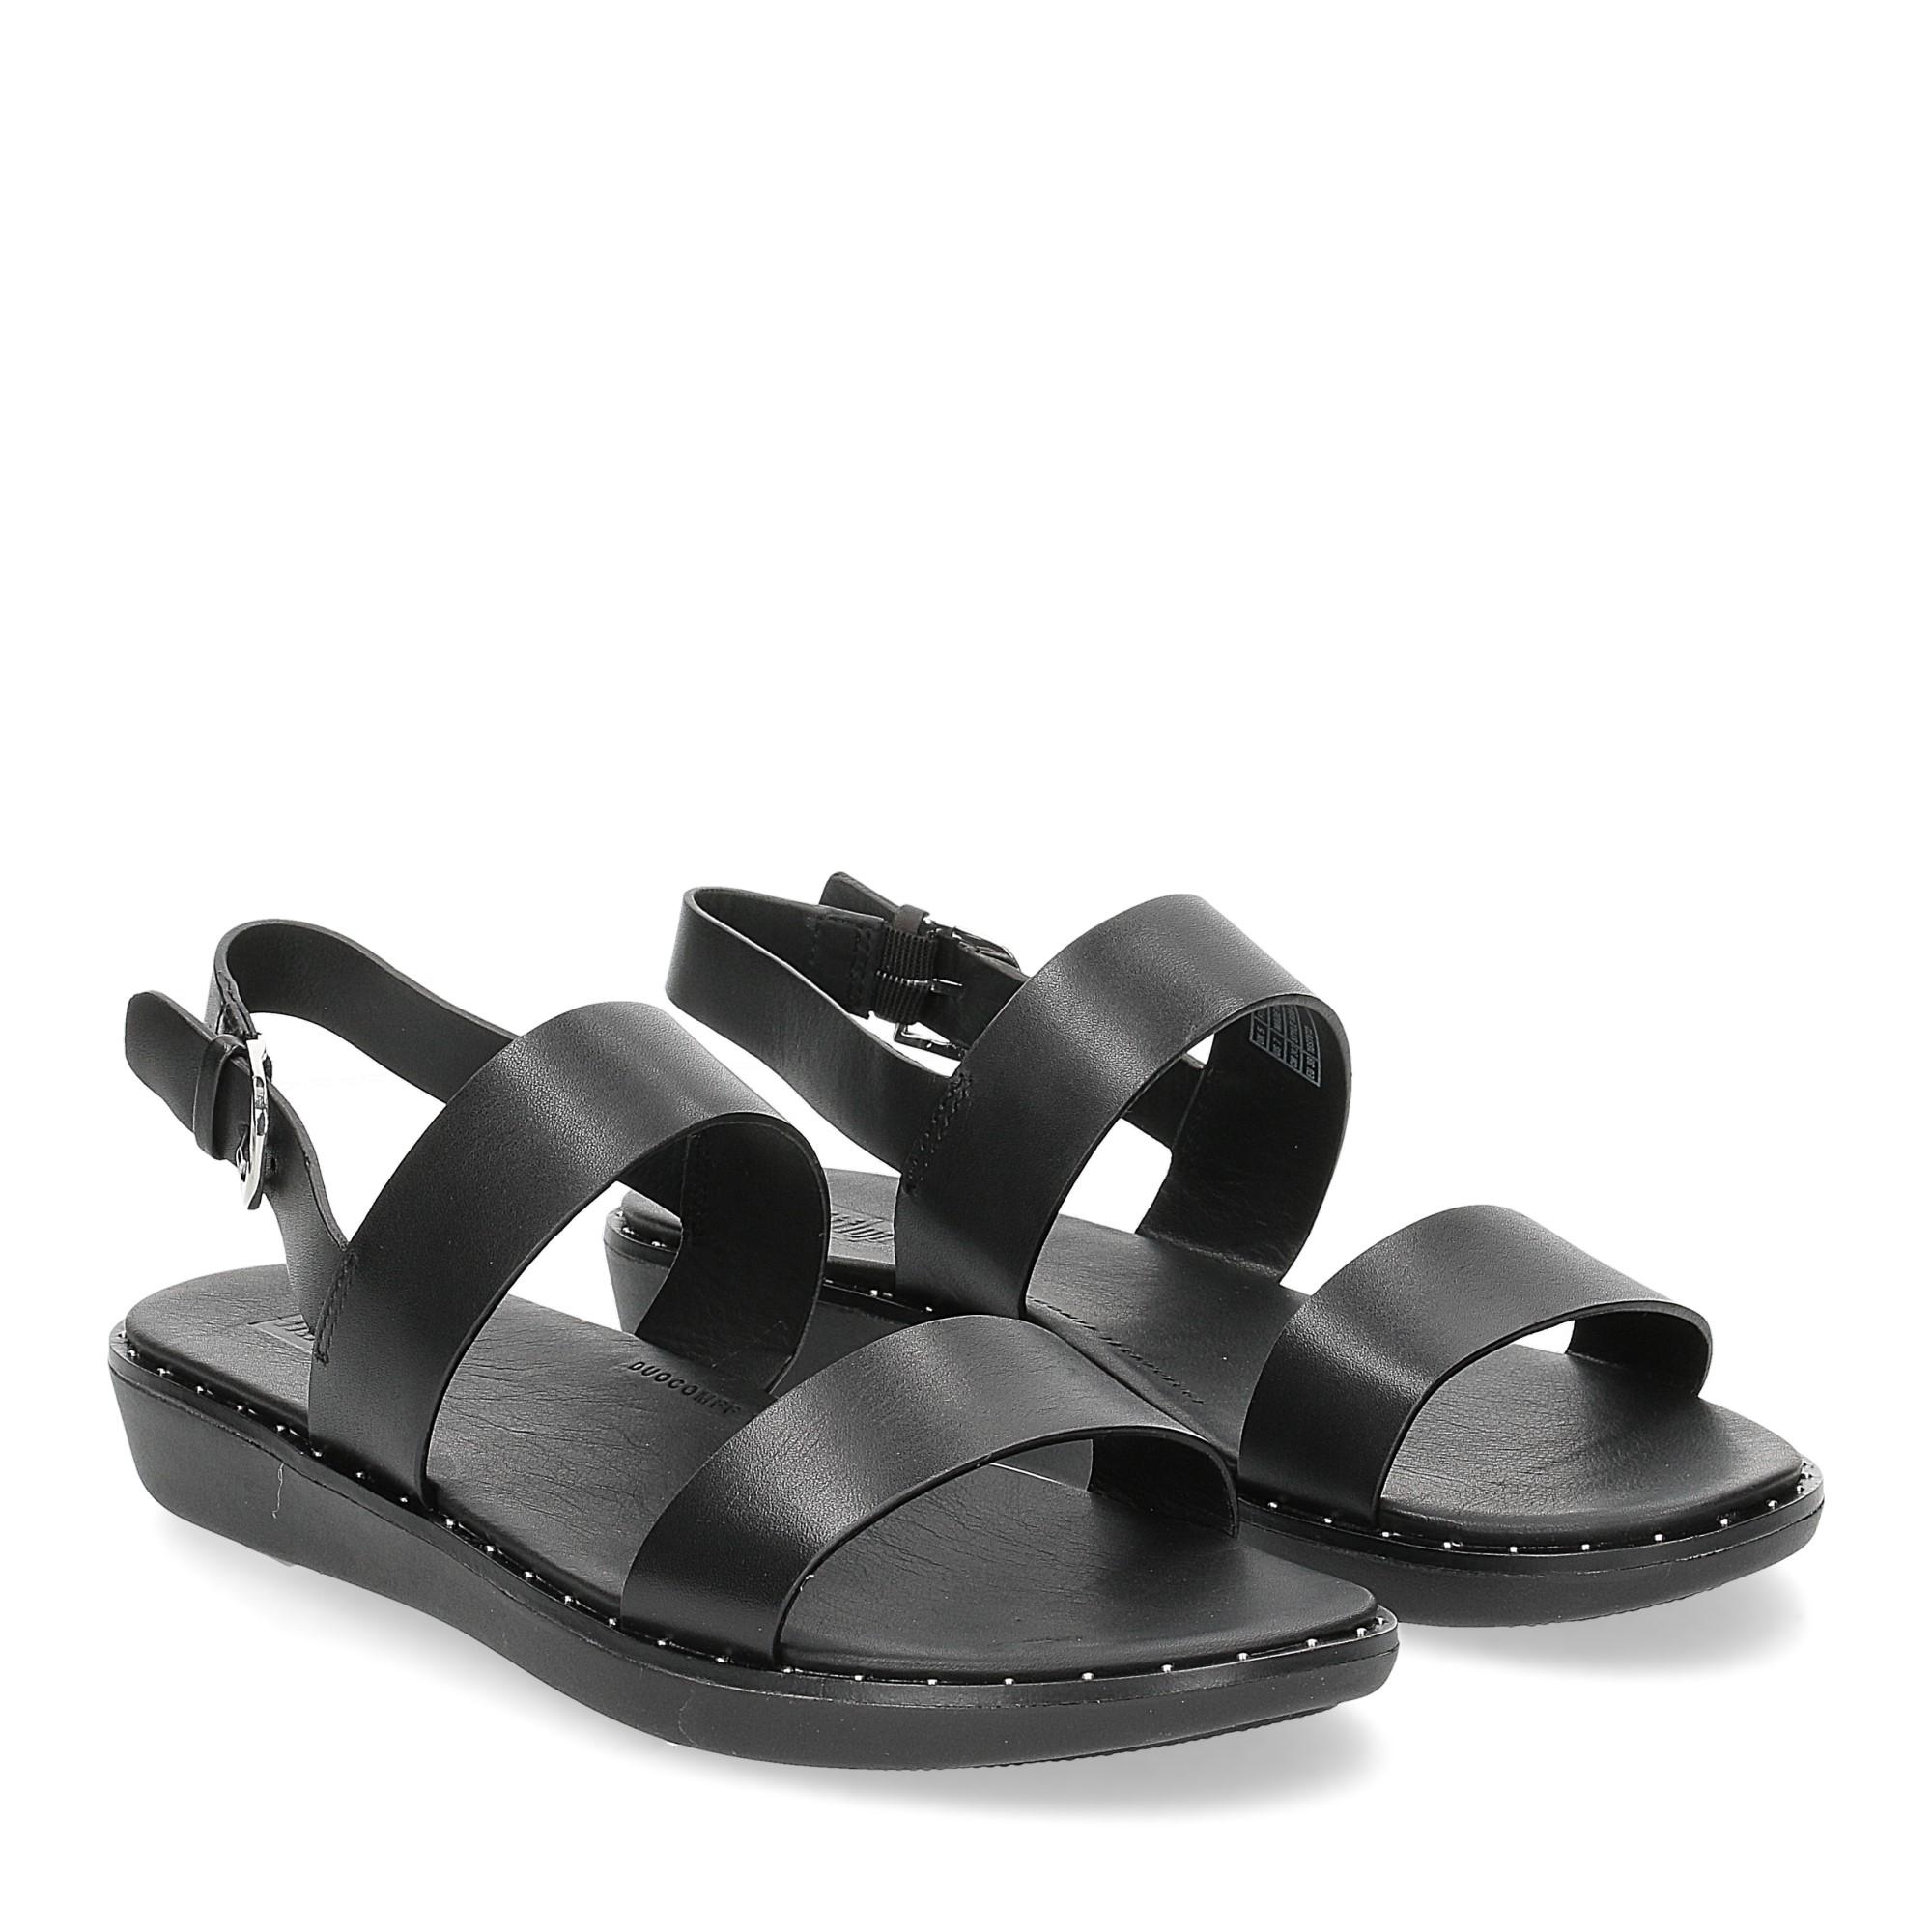 Fitflop back strap sandals Barra black